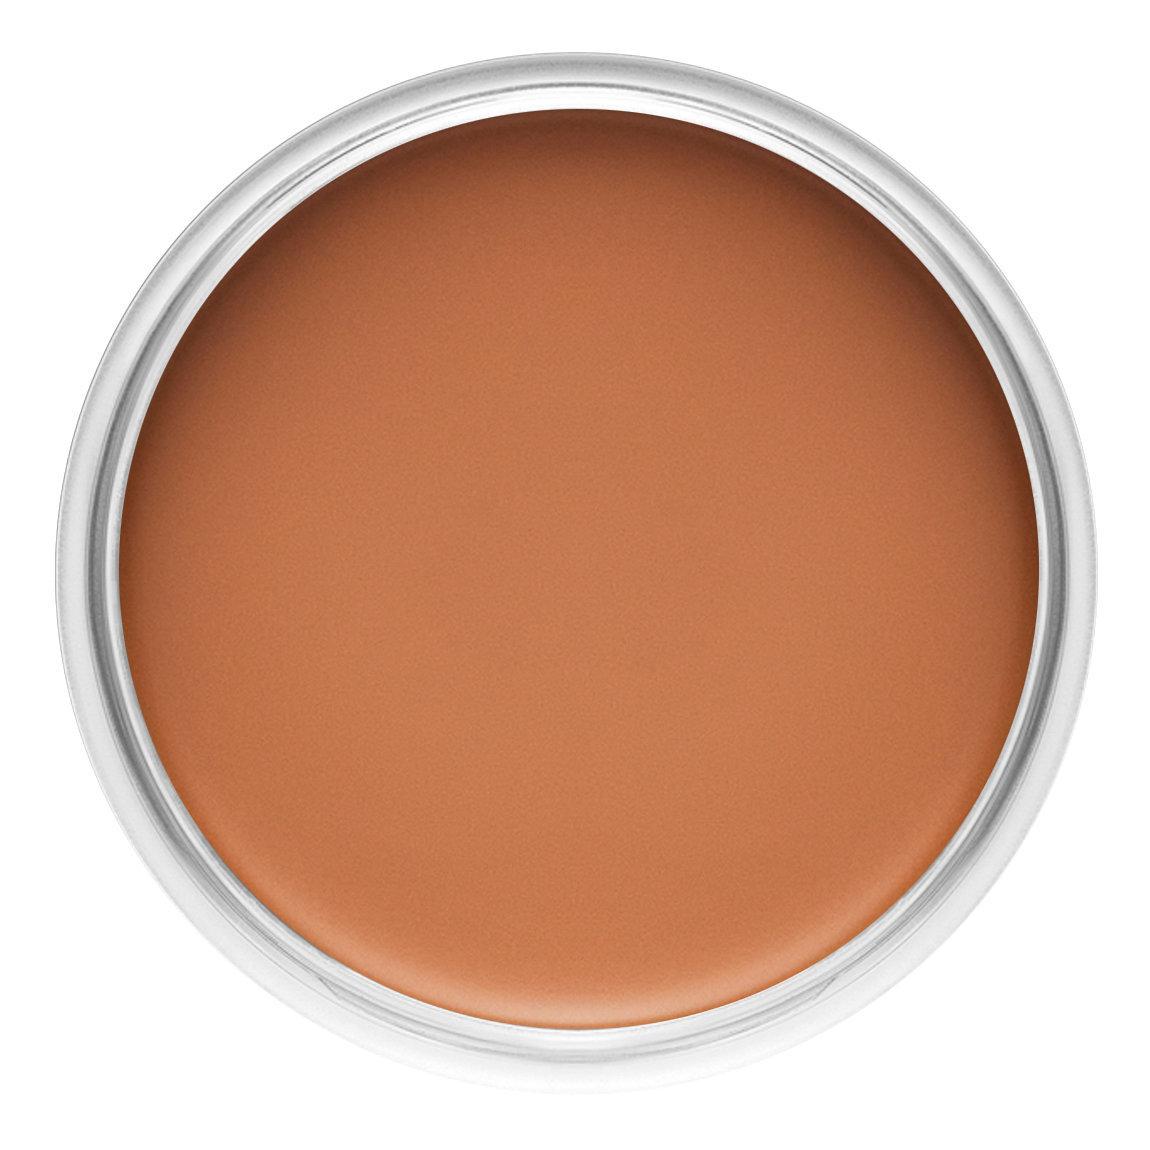 Anastasia Beverly Hills Cream Bronzer Golden Tan alternative view 1.